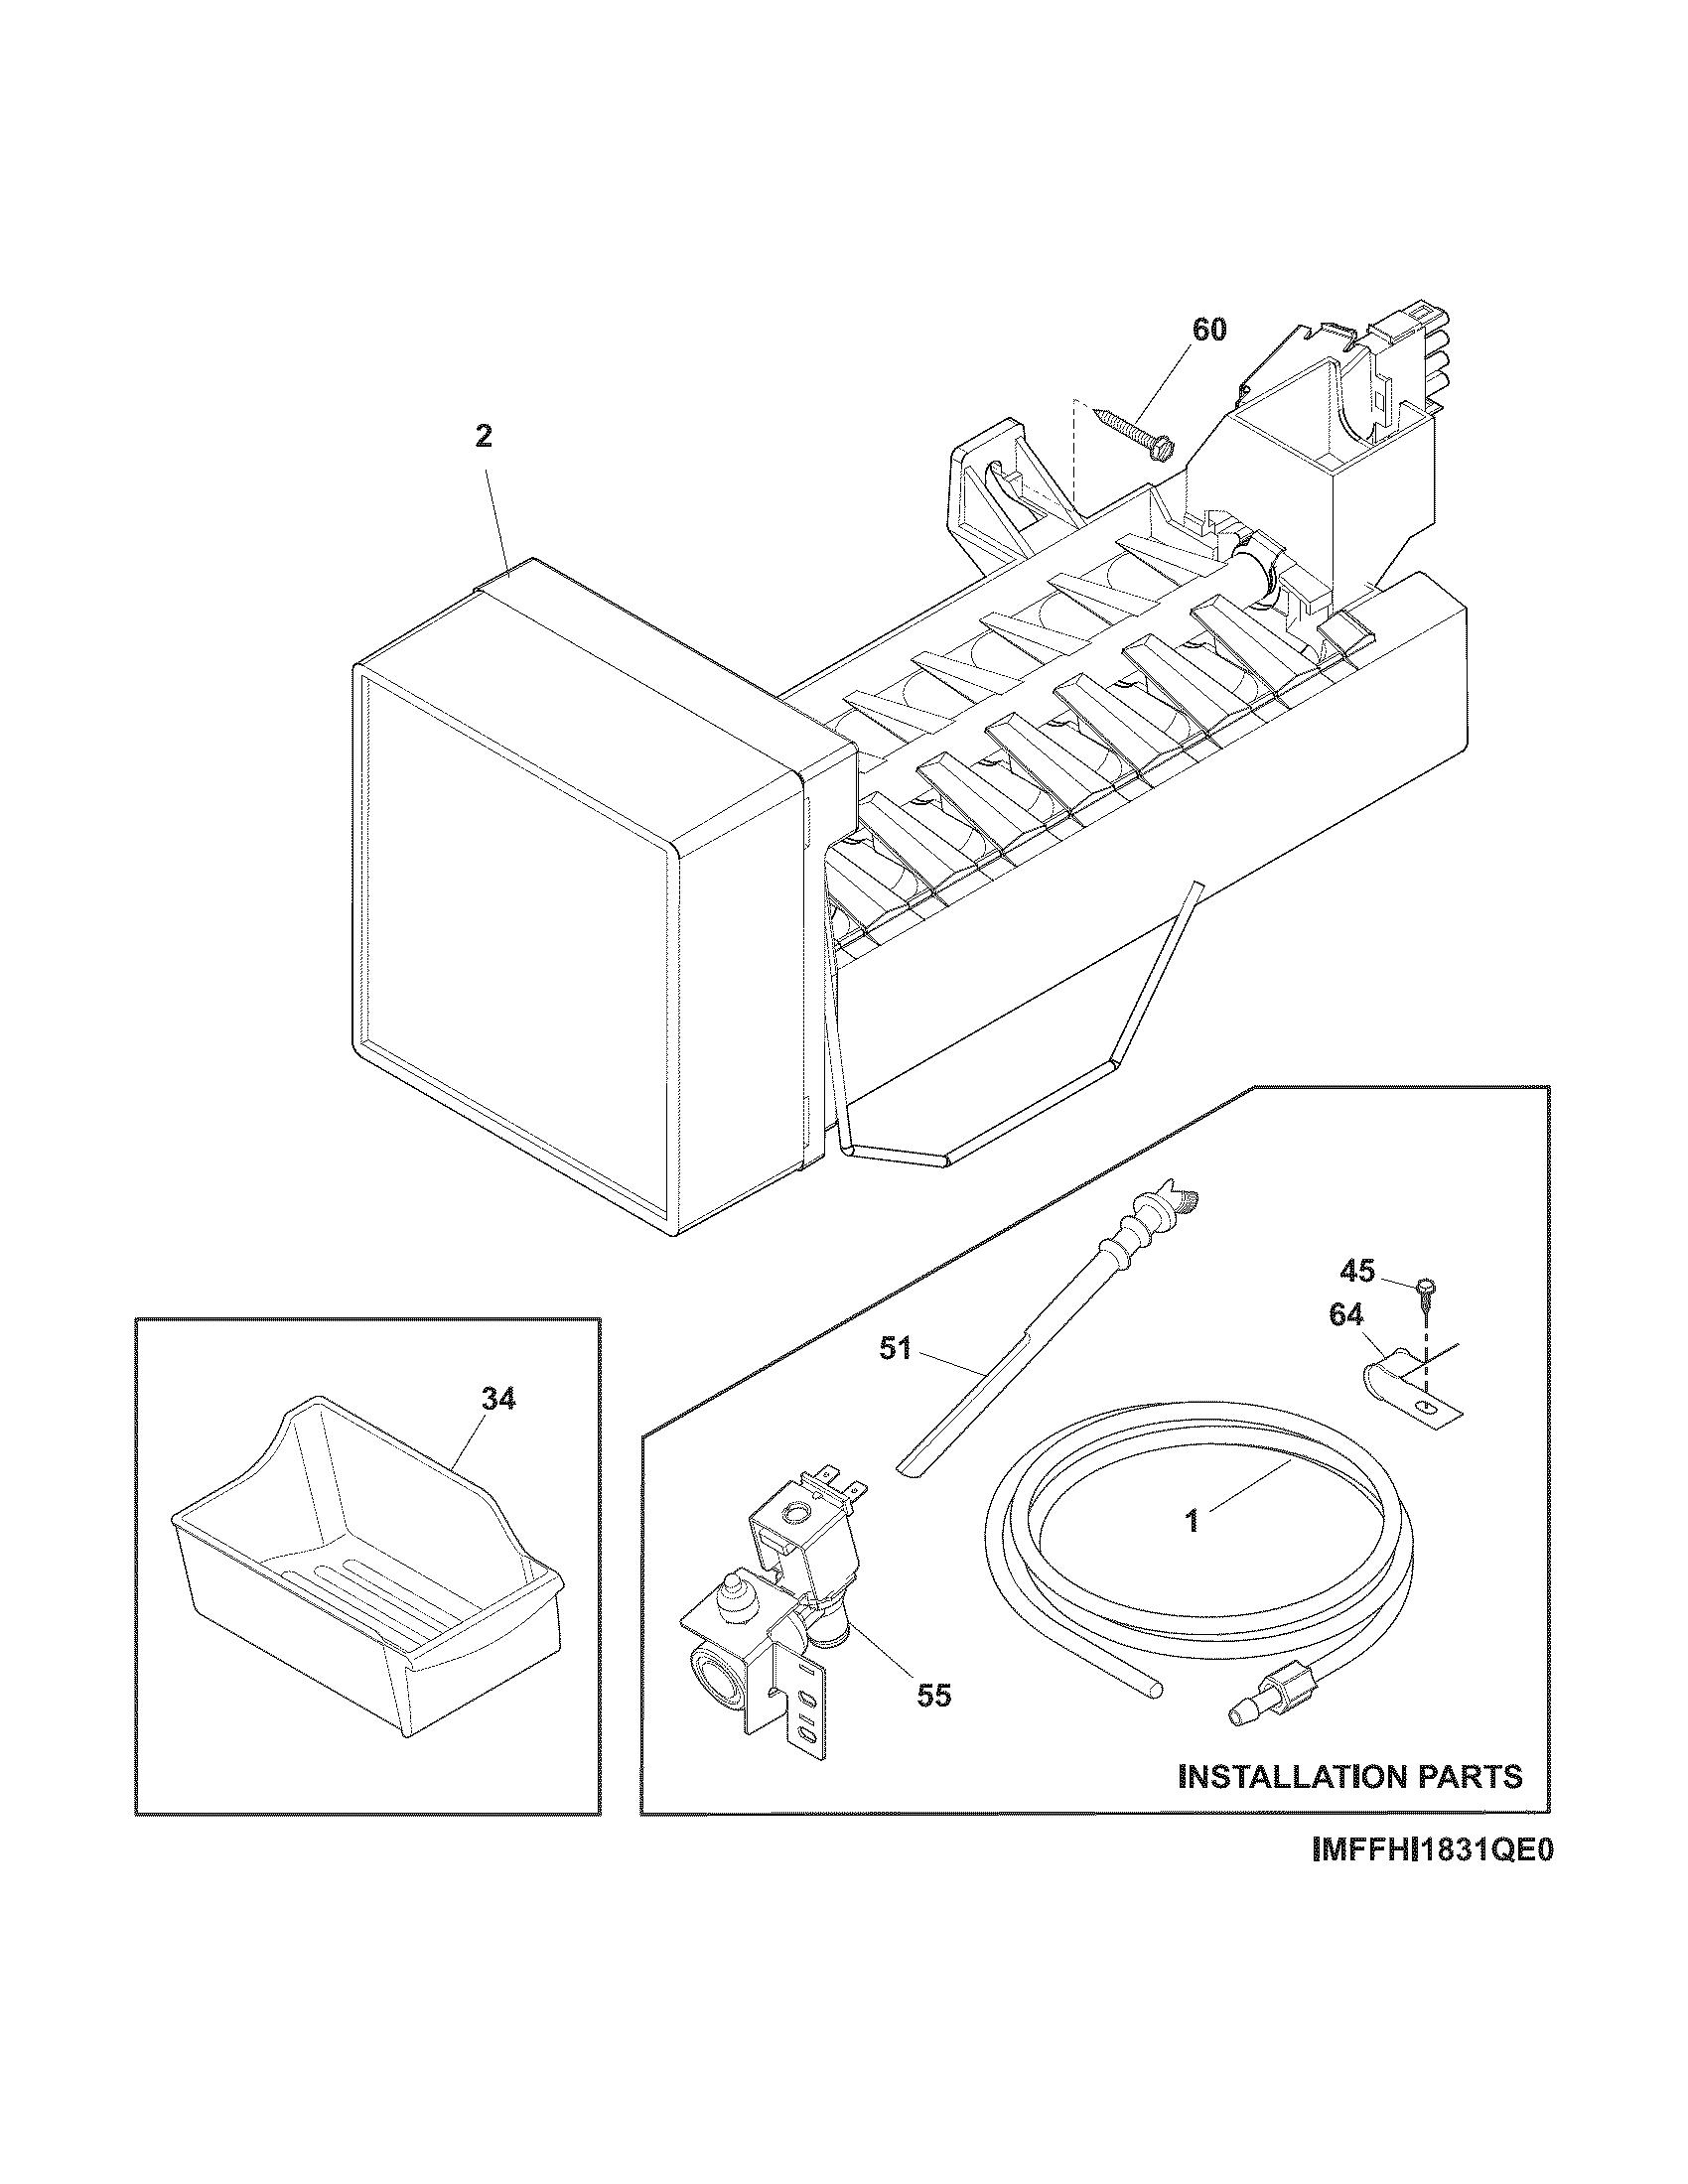 Frigidaire model FFHI1831QS0 top-mount refrigerator